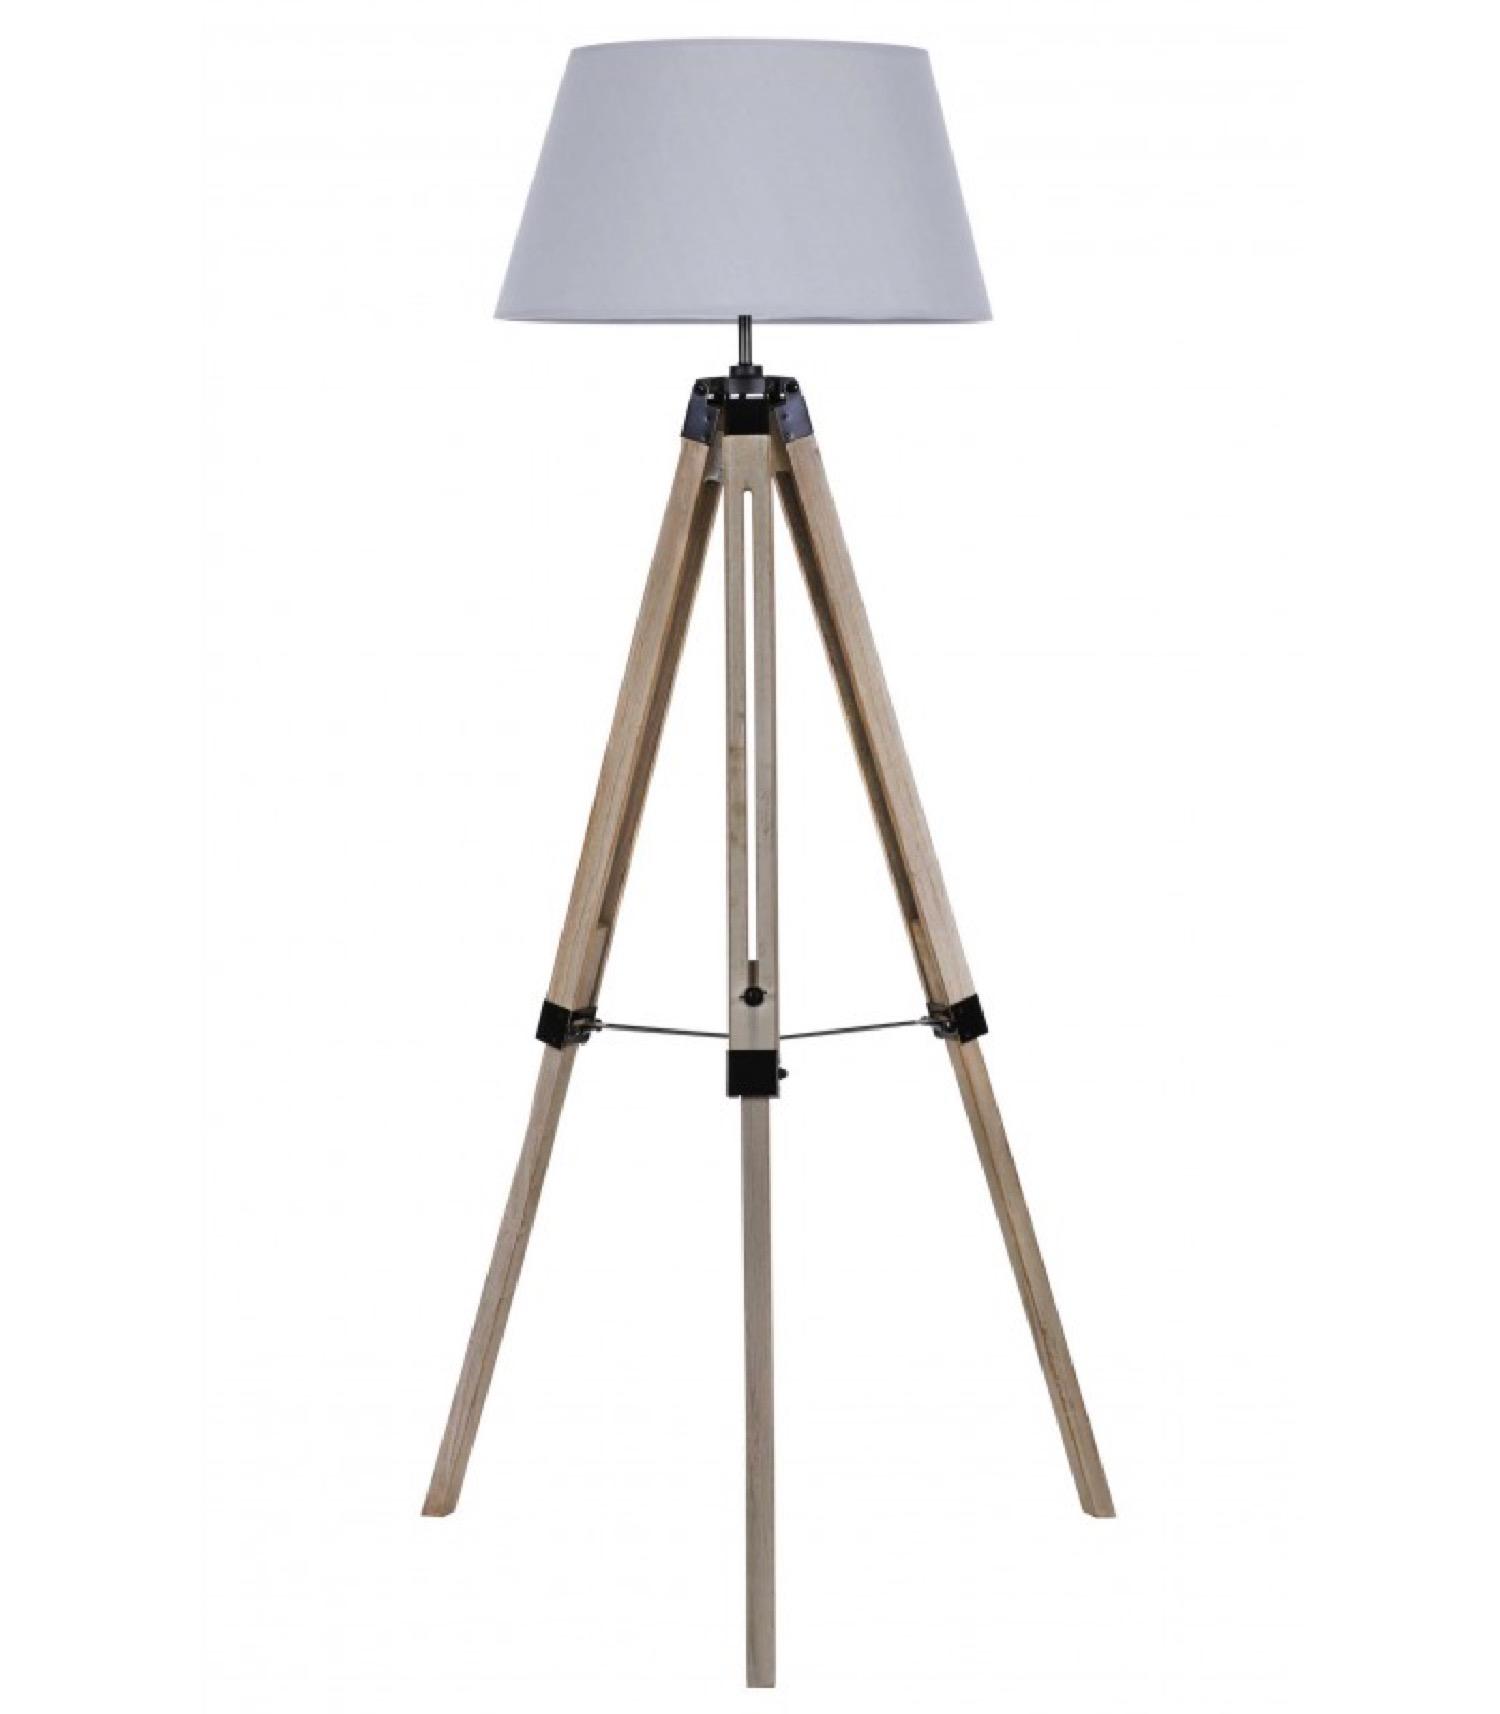 Lampadaire trépied bois abat-jour gris clair H144cm